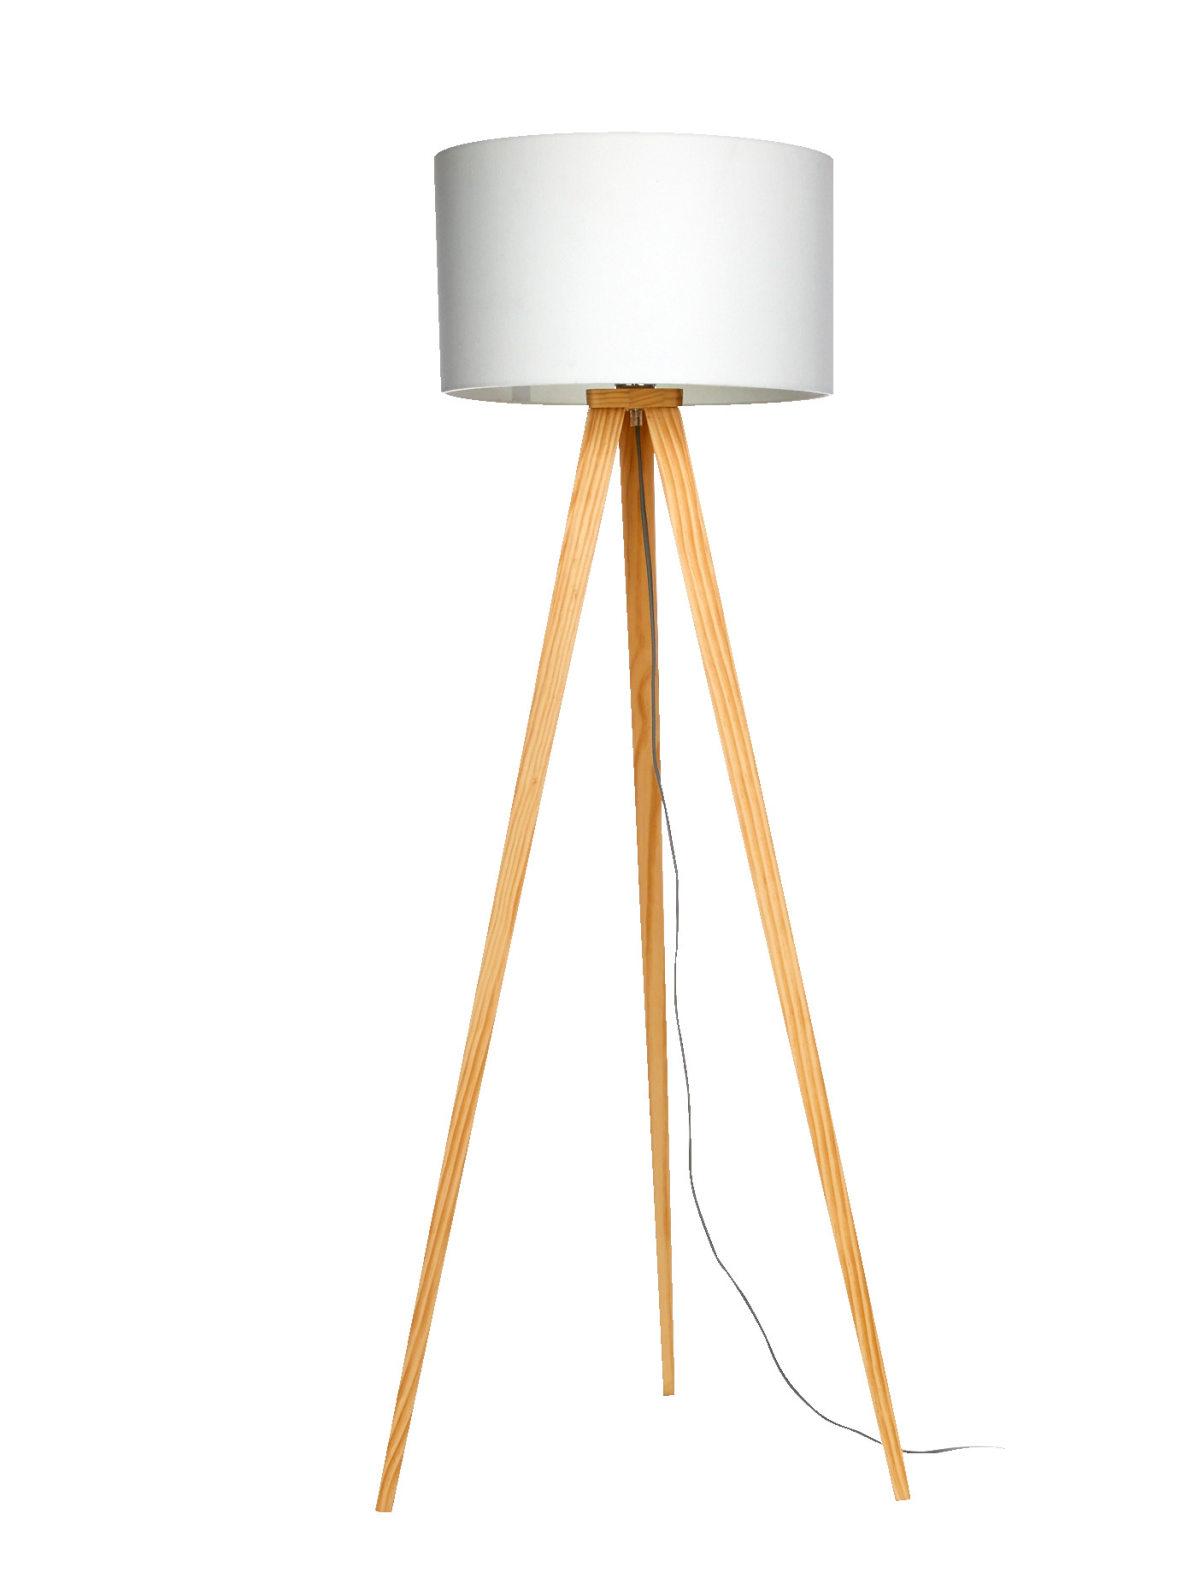 stehleuchte 3 bein lampe versandkostenfreie m bel online bestellen